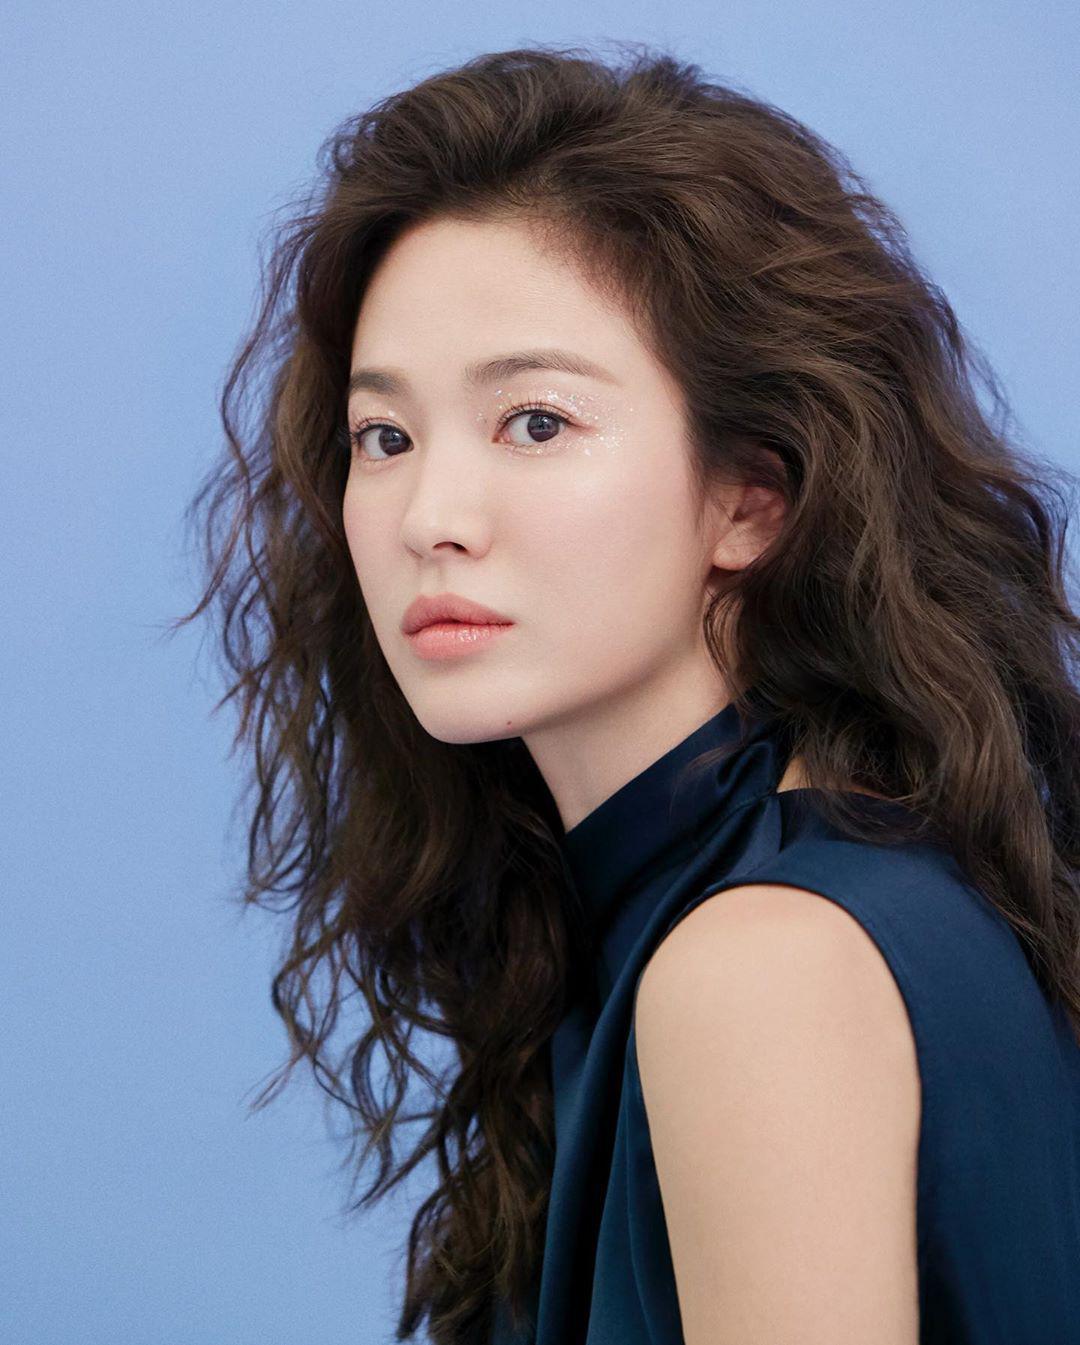 Ly hôn Song Joong Ki, Song Hye Kyo ngày càng thay đổi bản thân theo chiều hướng trái ngược quá khứ-11